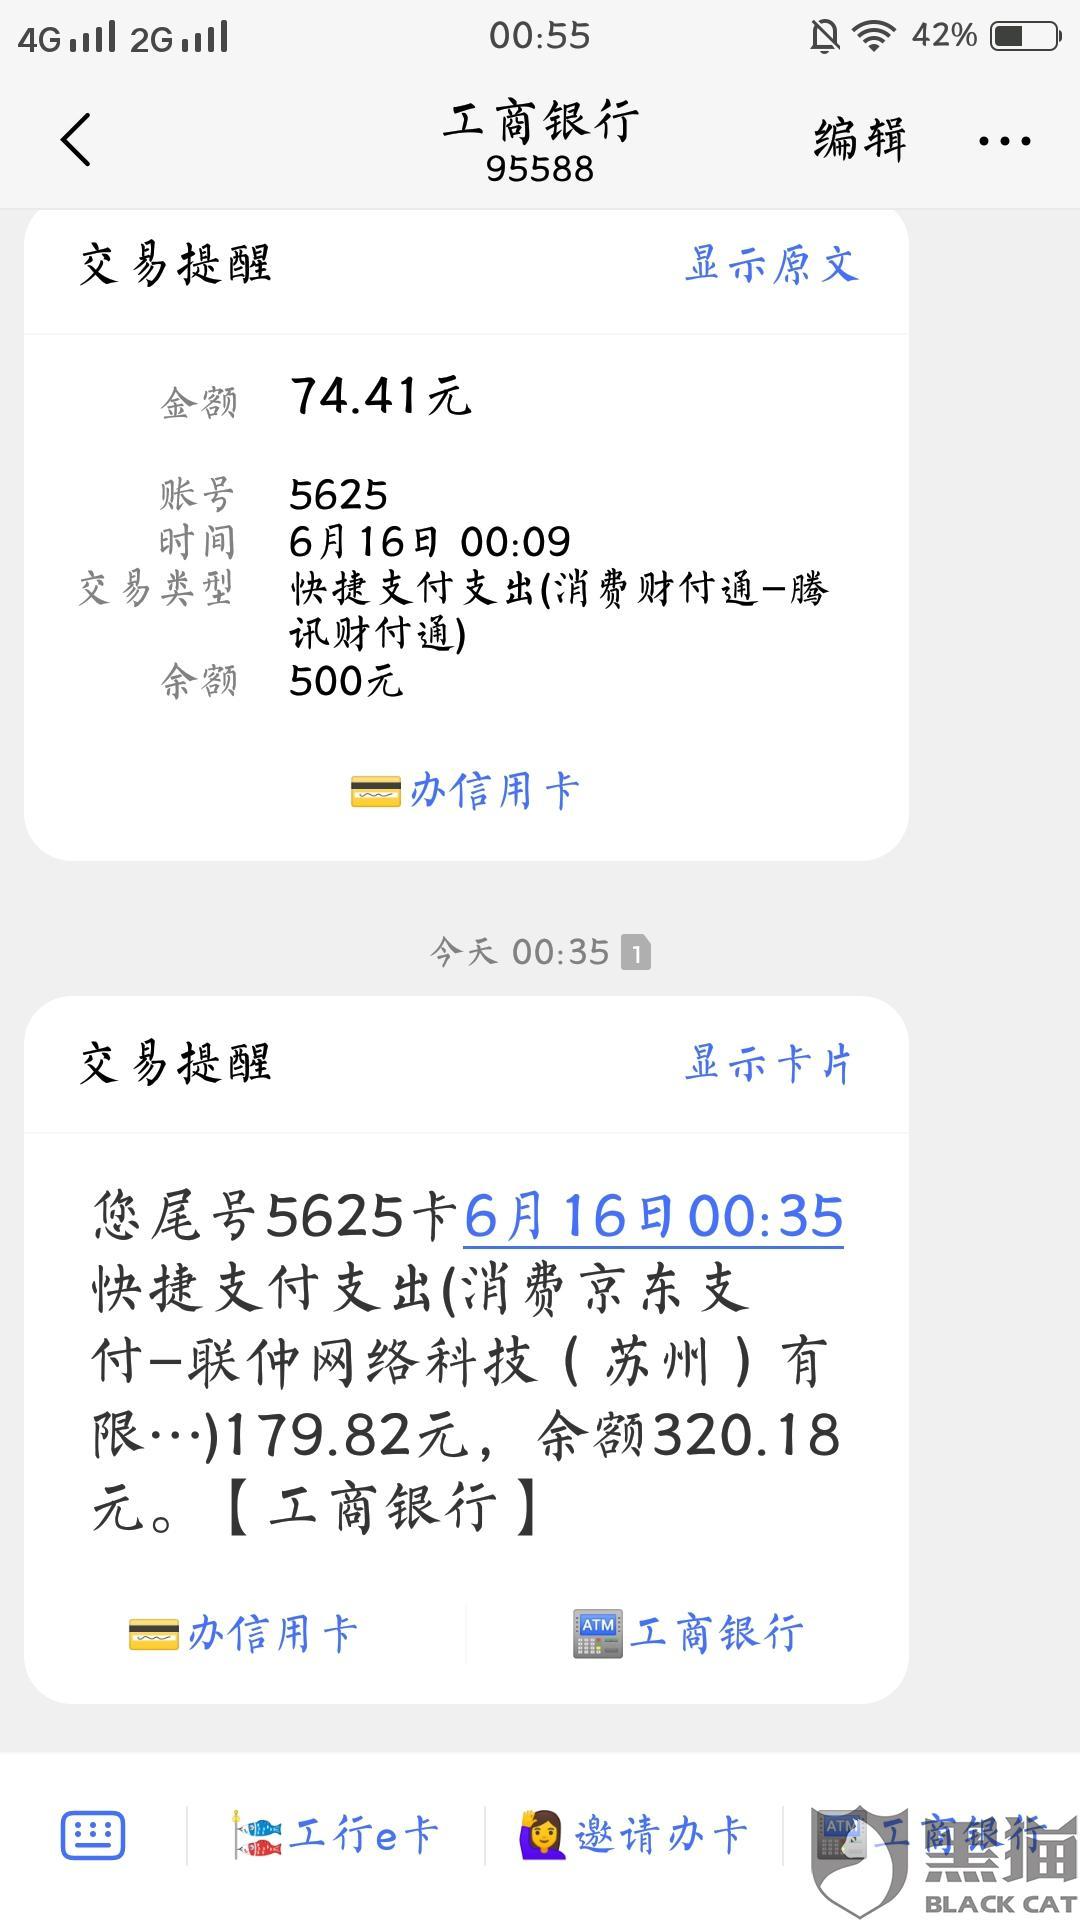 黑猫投诉:消费京东支付-联仲网络(苏州)科技有限公司